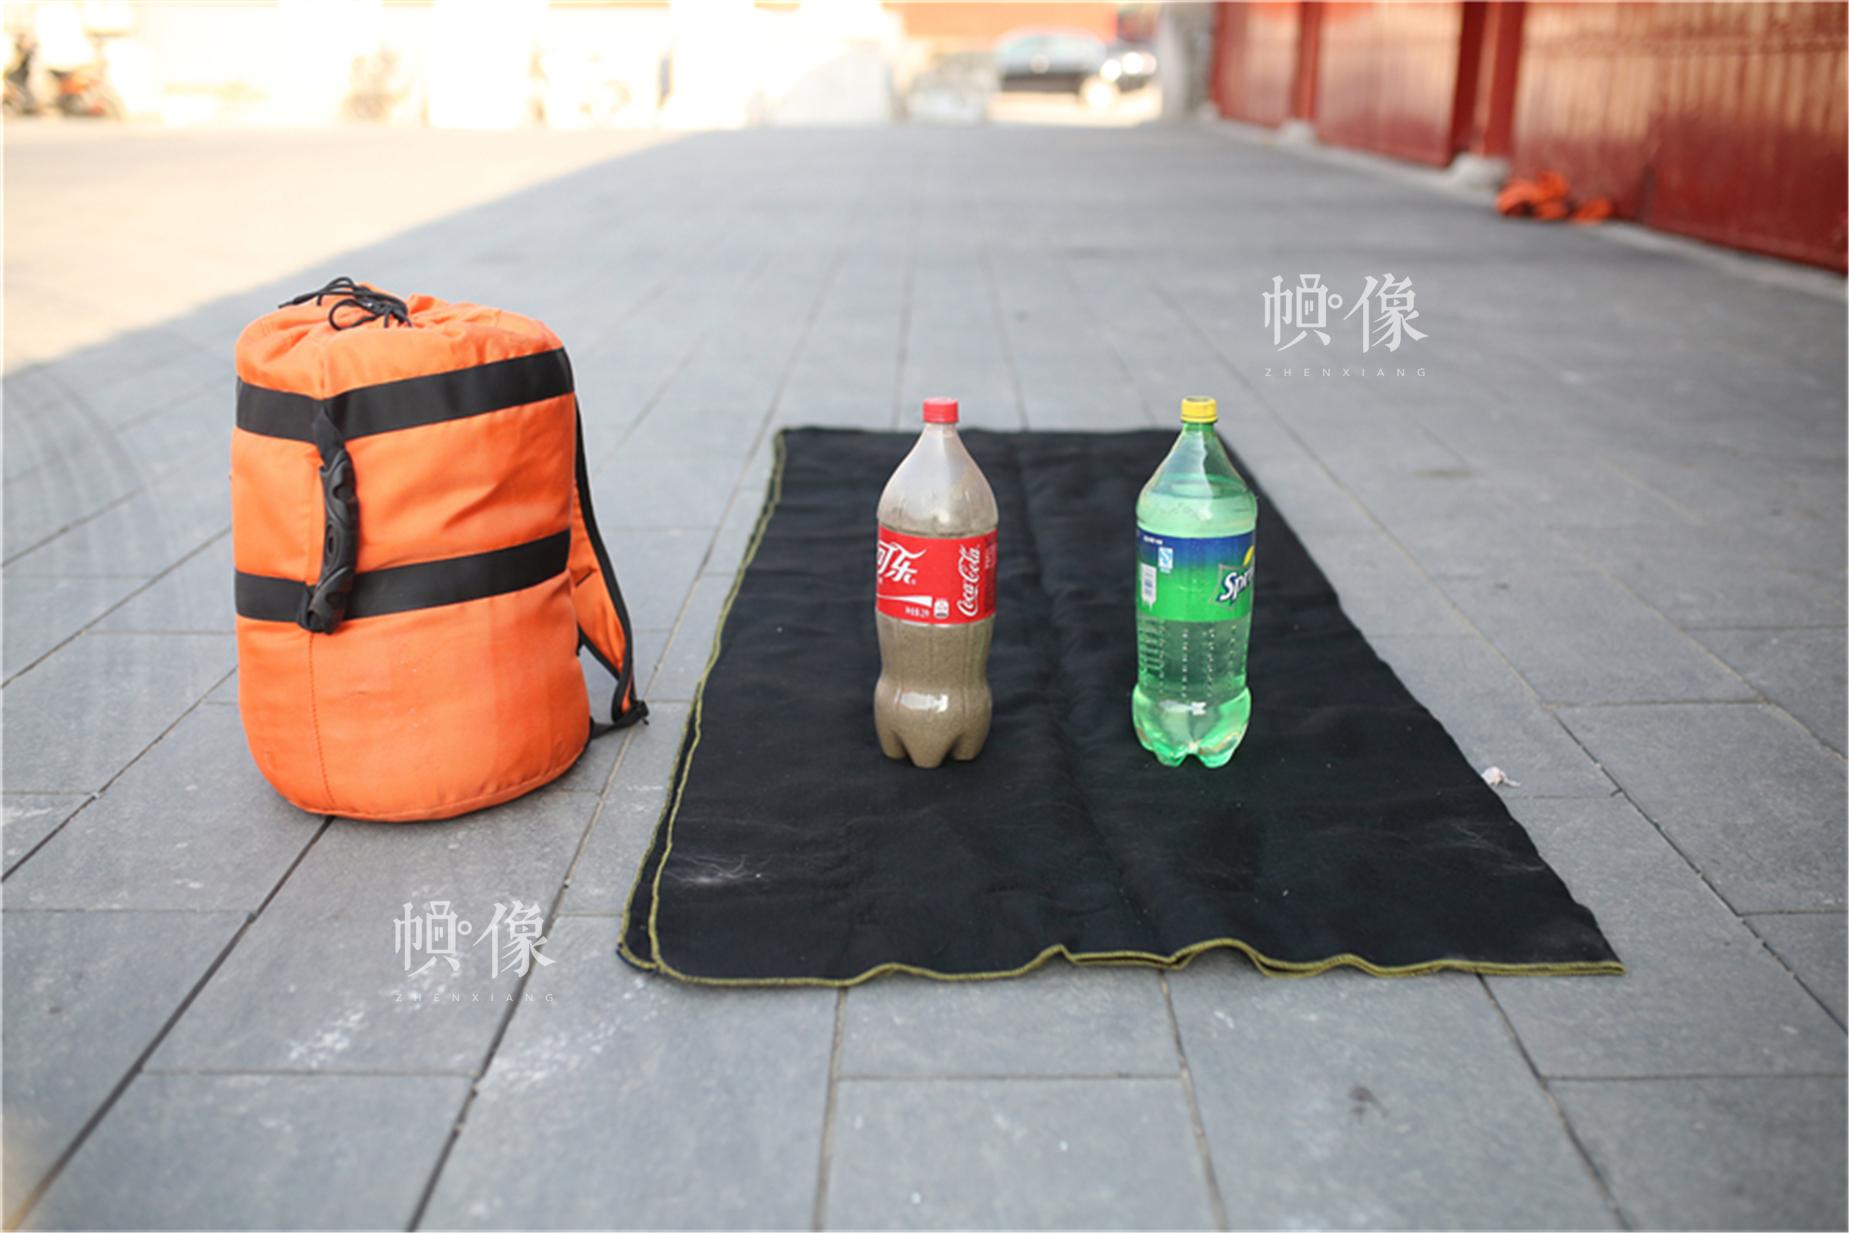 消防战士自己发明的便携式灭火消防包,里面装有一个灭火毯、一瓶沙子和一瓶水,可以随时处置火情。